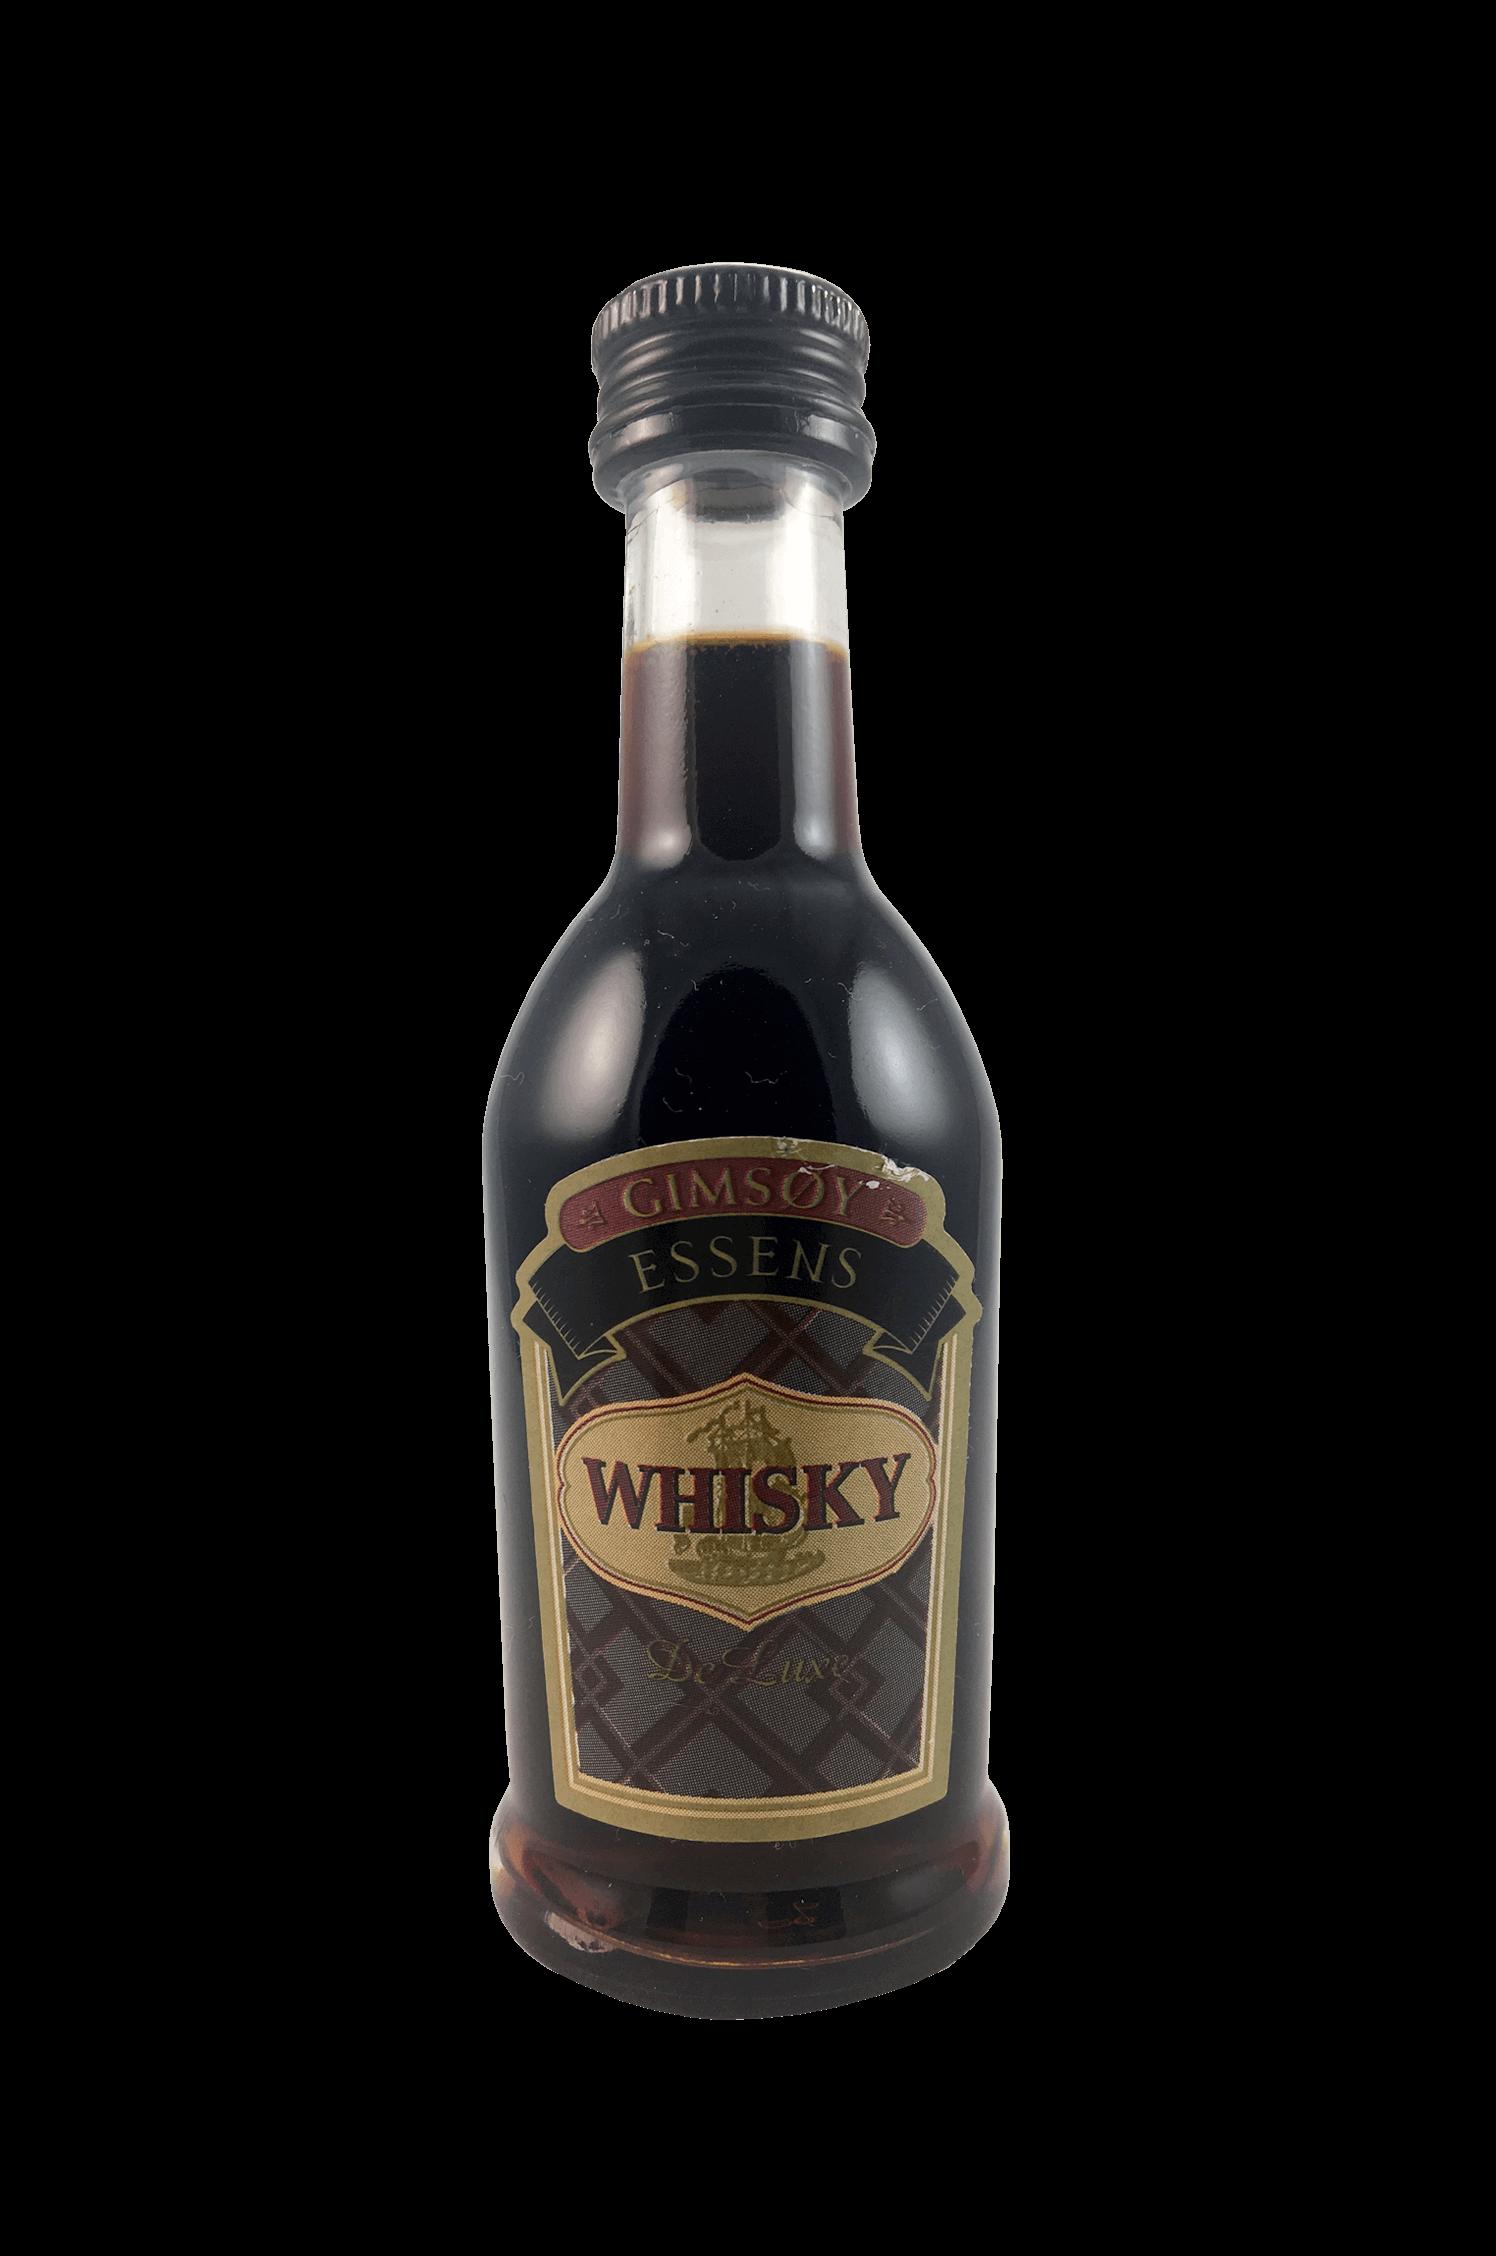 Gimsoy Essens Whisky